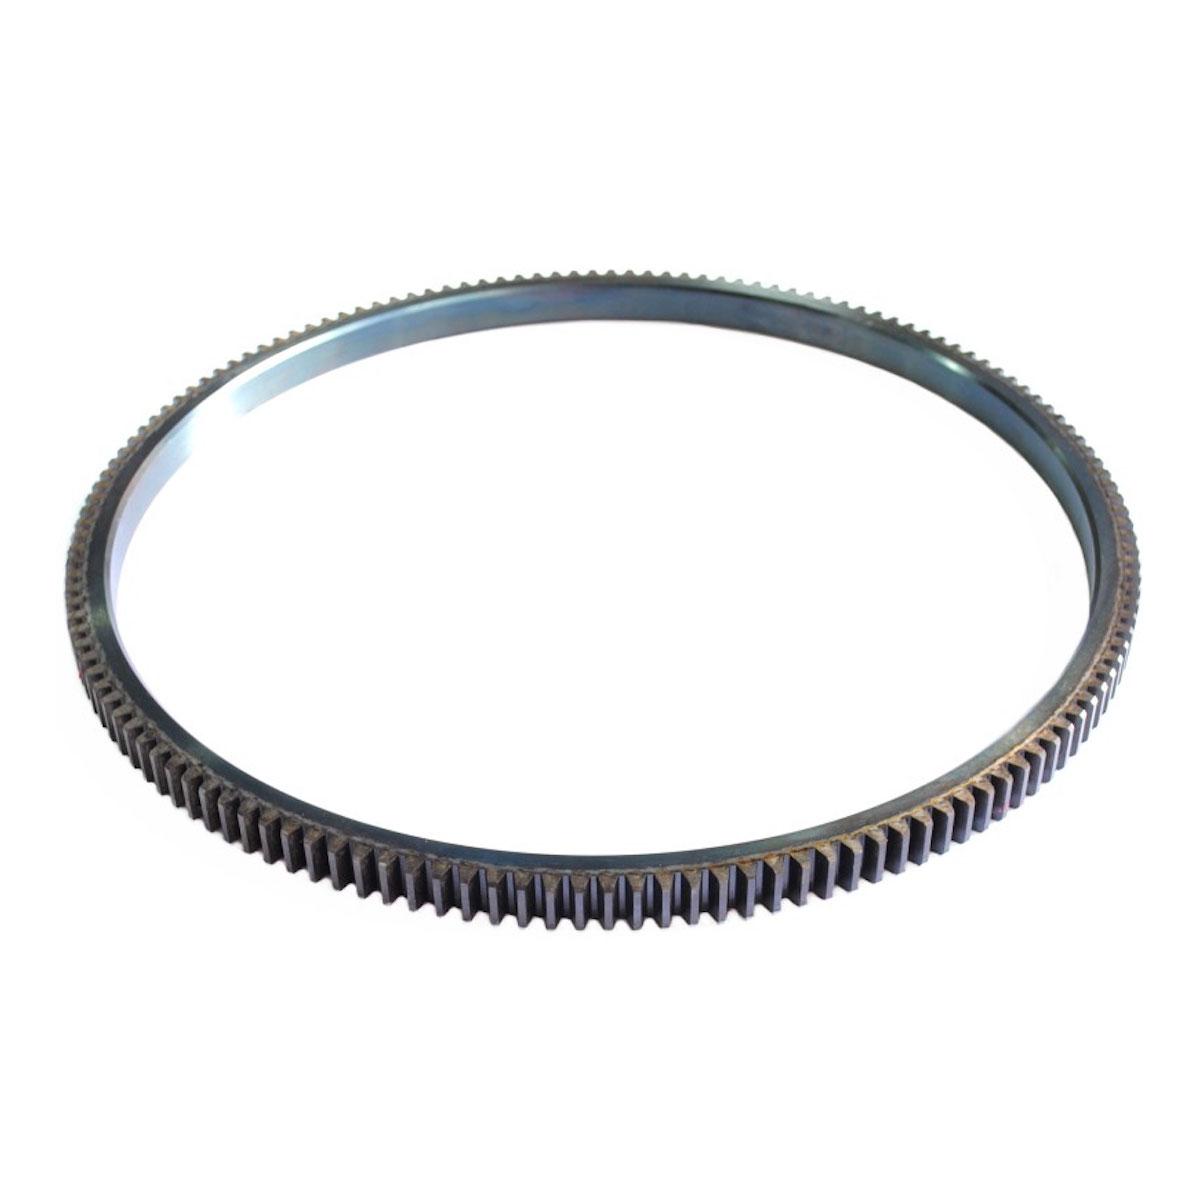 Венец для бетономешалки РБГ-250, РБГ-320